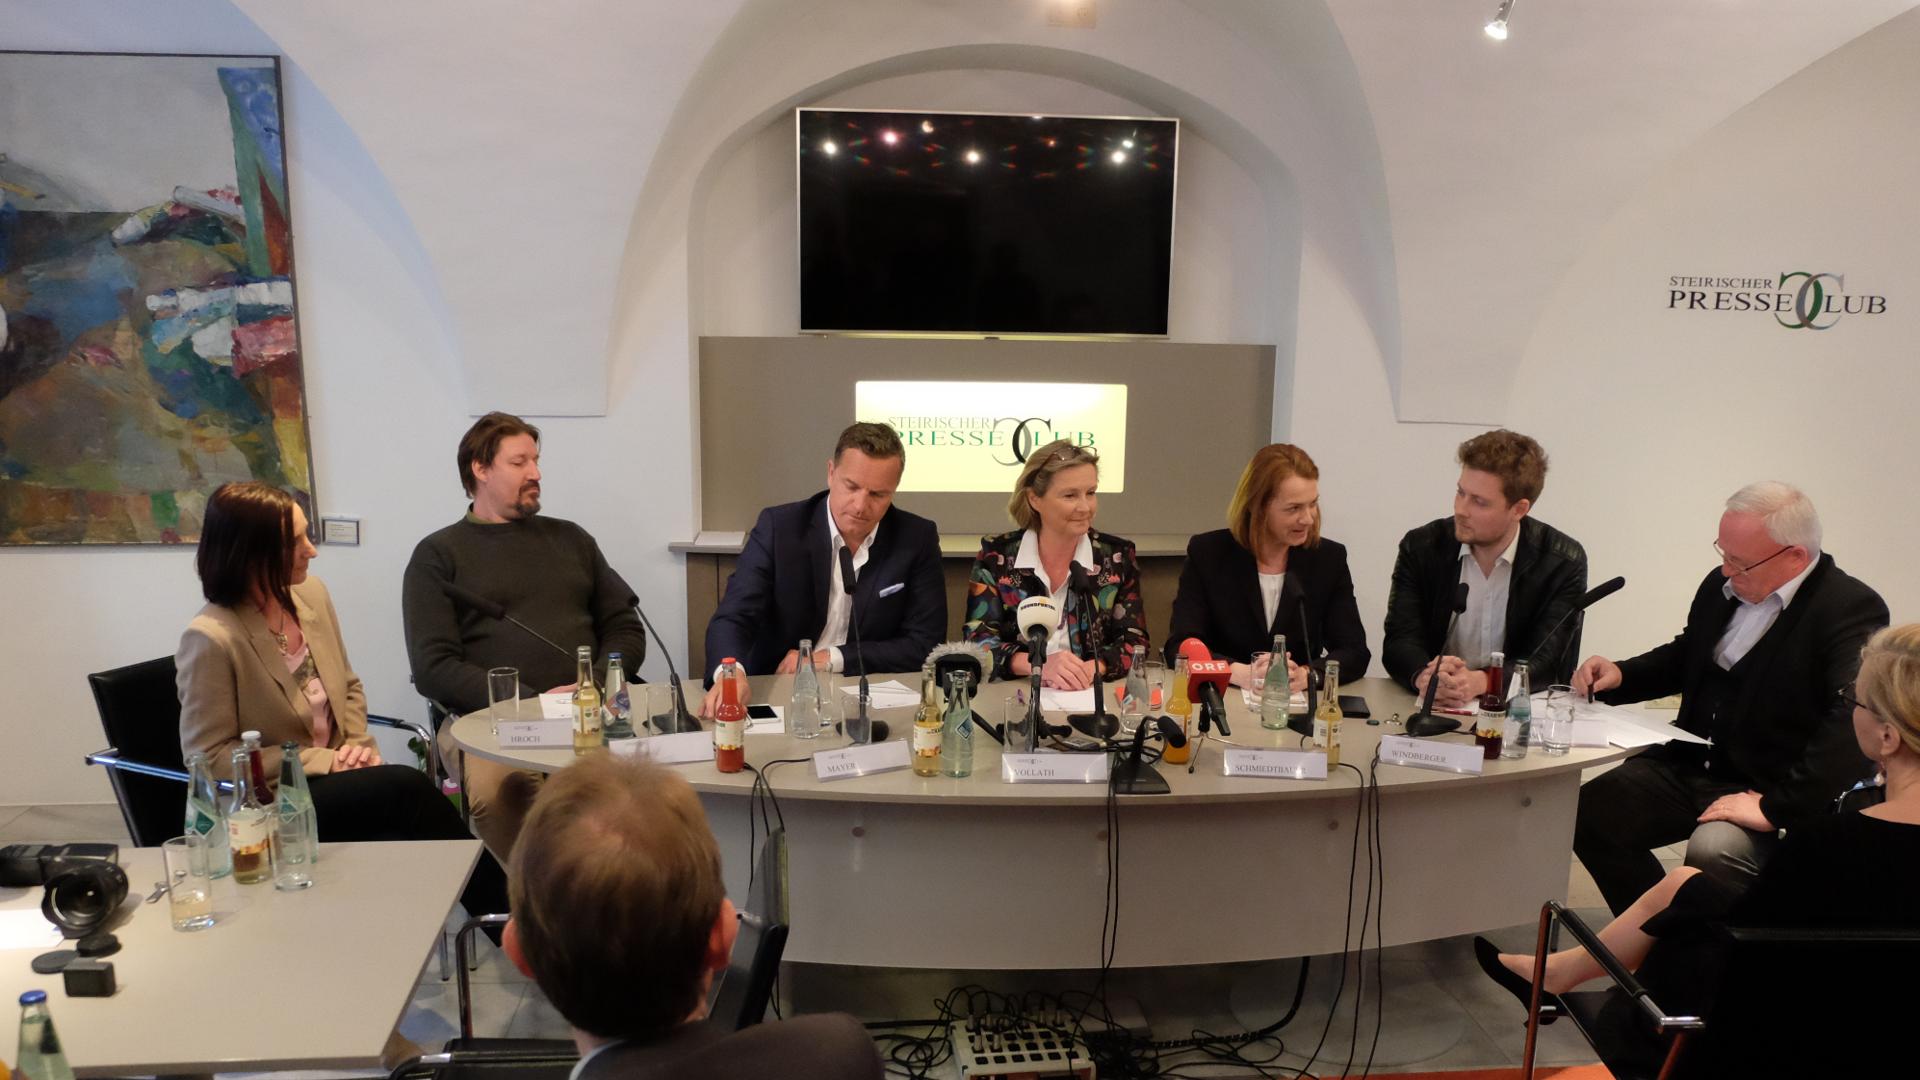 EuWahl-Presseclub-NEOS-GRÜNE-SPÖ-FPÖ-ÖVP-Graz